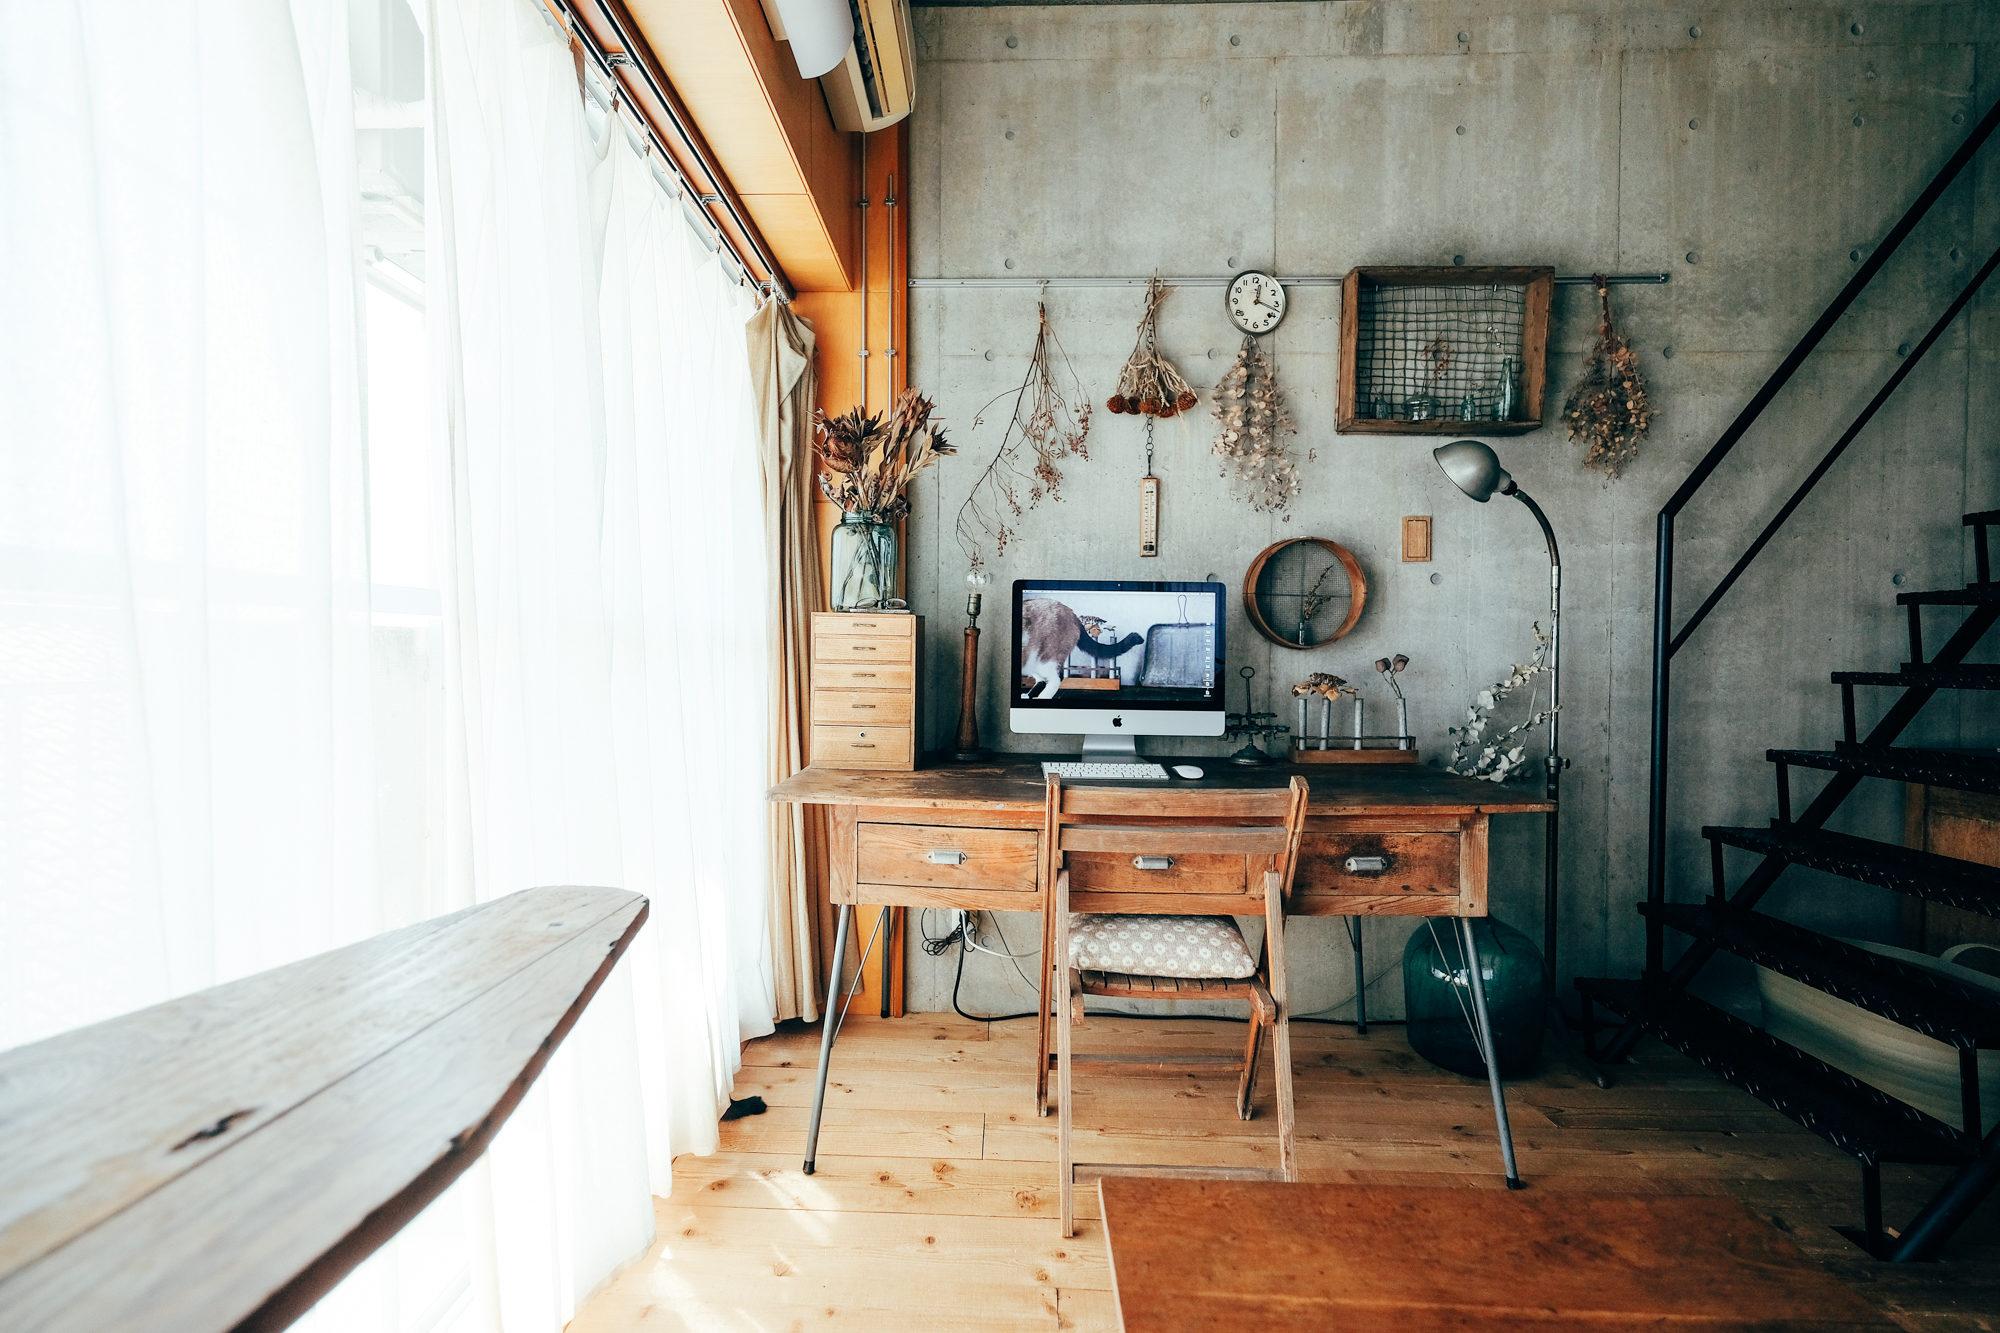 こんなふうに住みこなしたい。デザイナーズ賃貸のインテリア実例まとめ